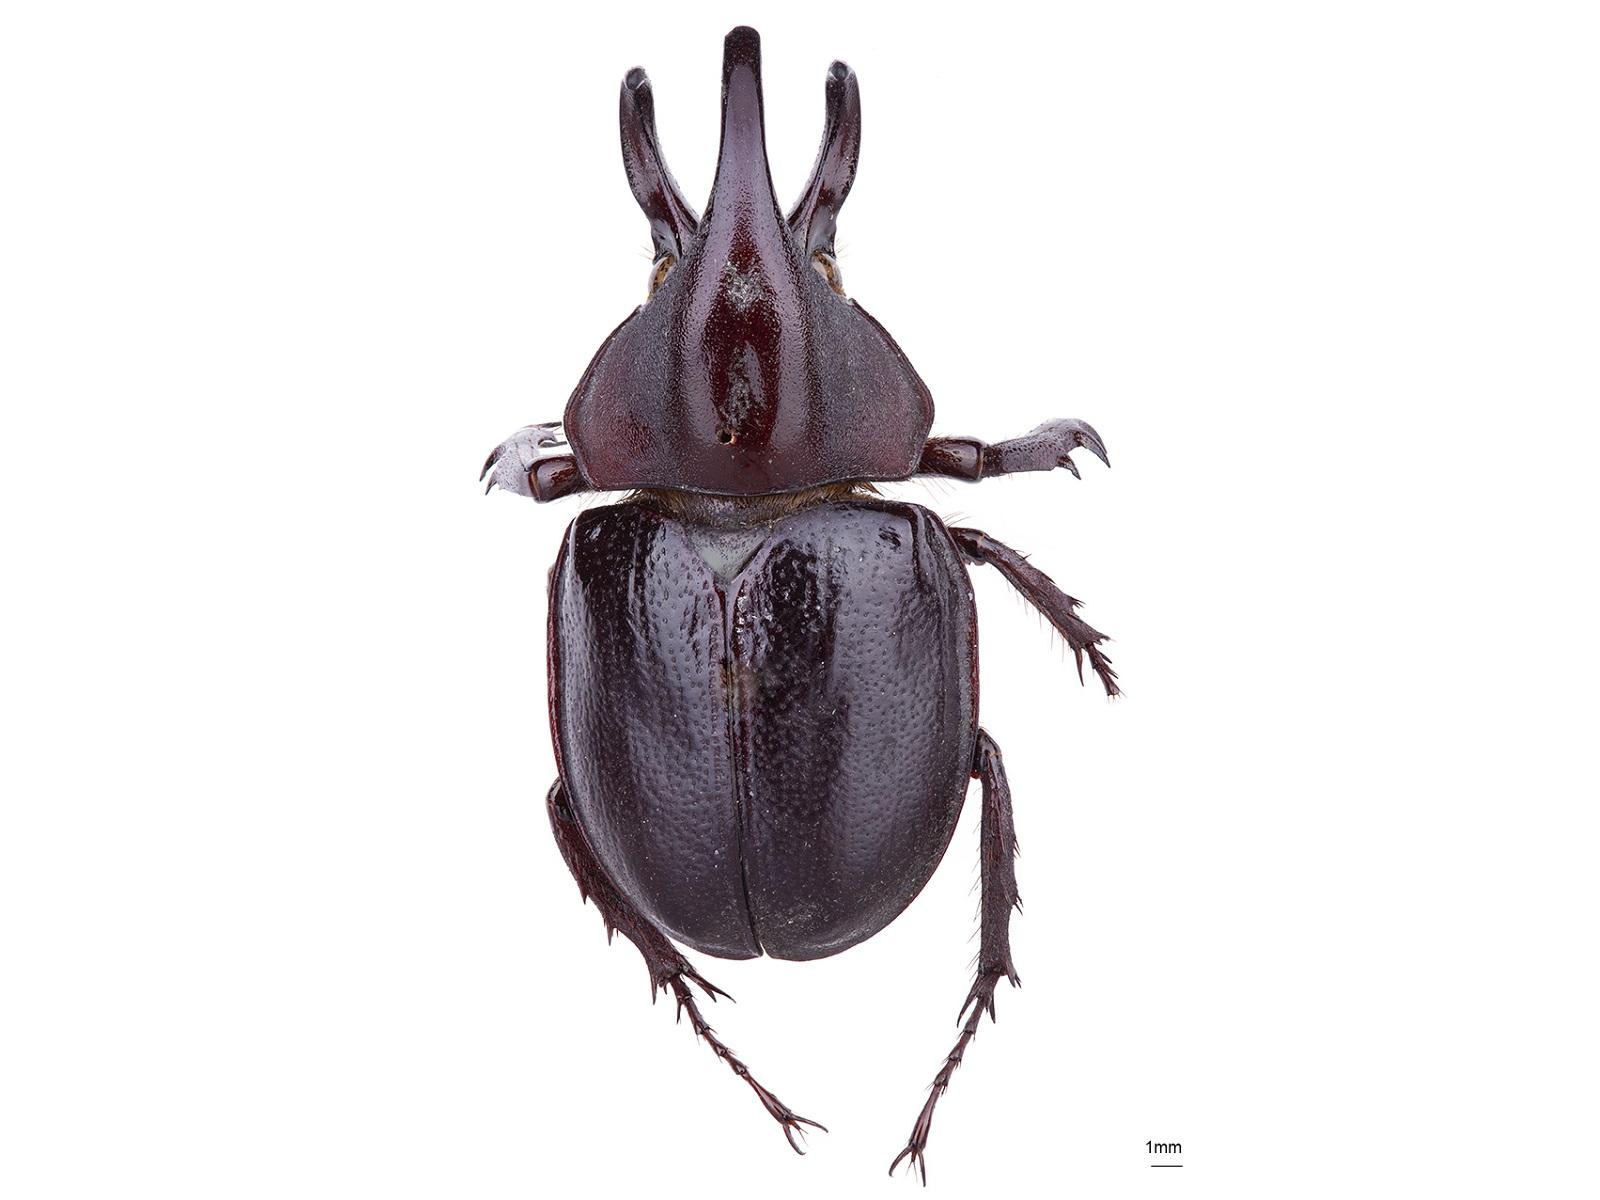 Aegopsis curvicornisBurmeister, 1847